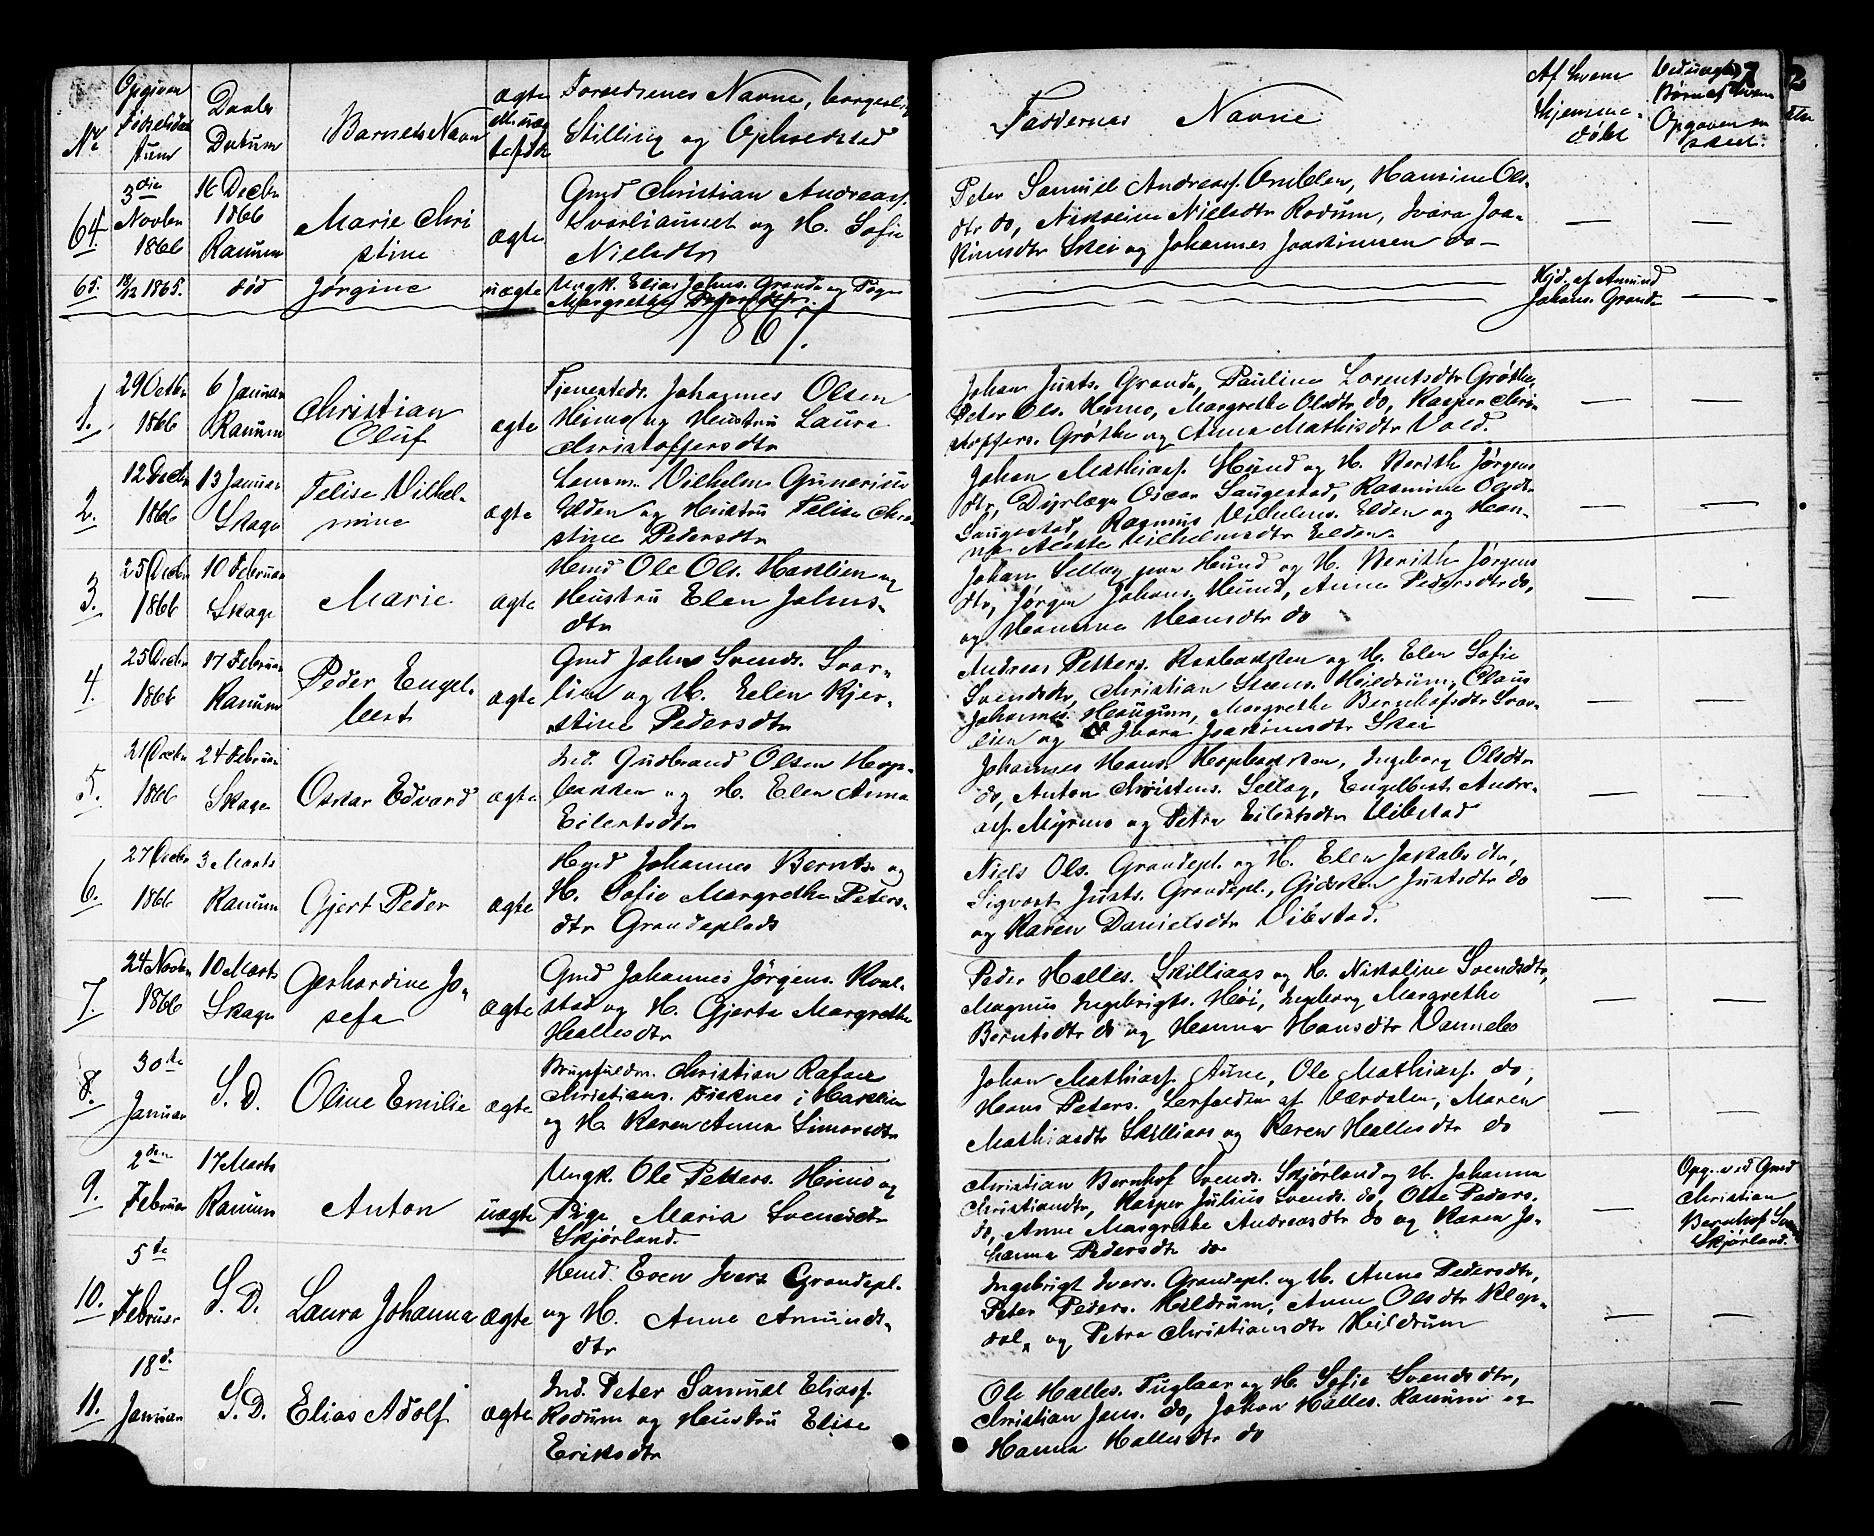 SAT, Ministerialprotokoller, klokkerbøker og fødselsregistre - Nord-Trøndelag, 764/L0553: Ministerialbok nr. 764A08, 1858-1880, s. 27